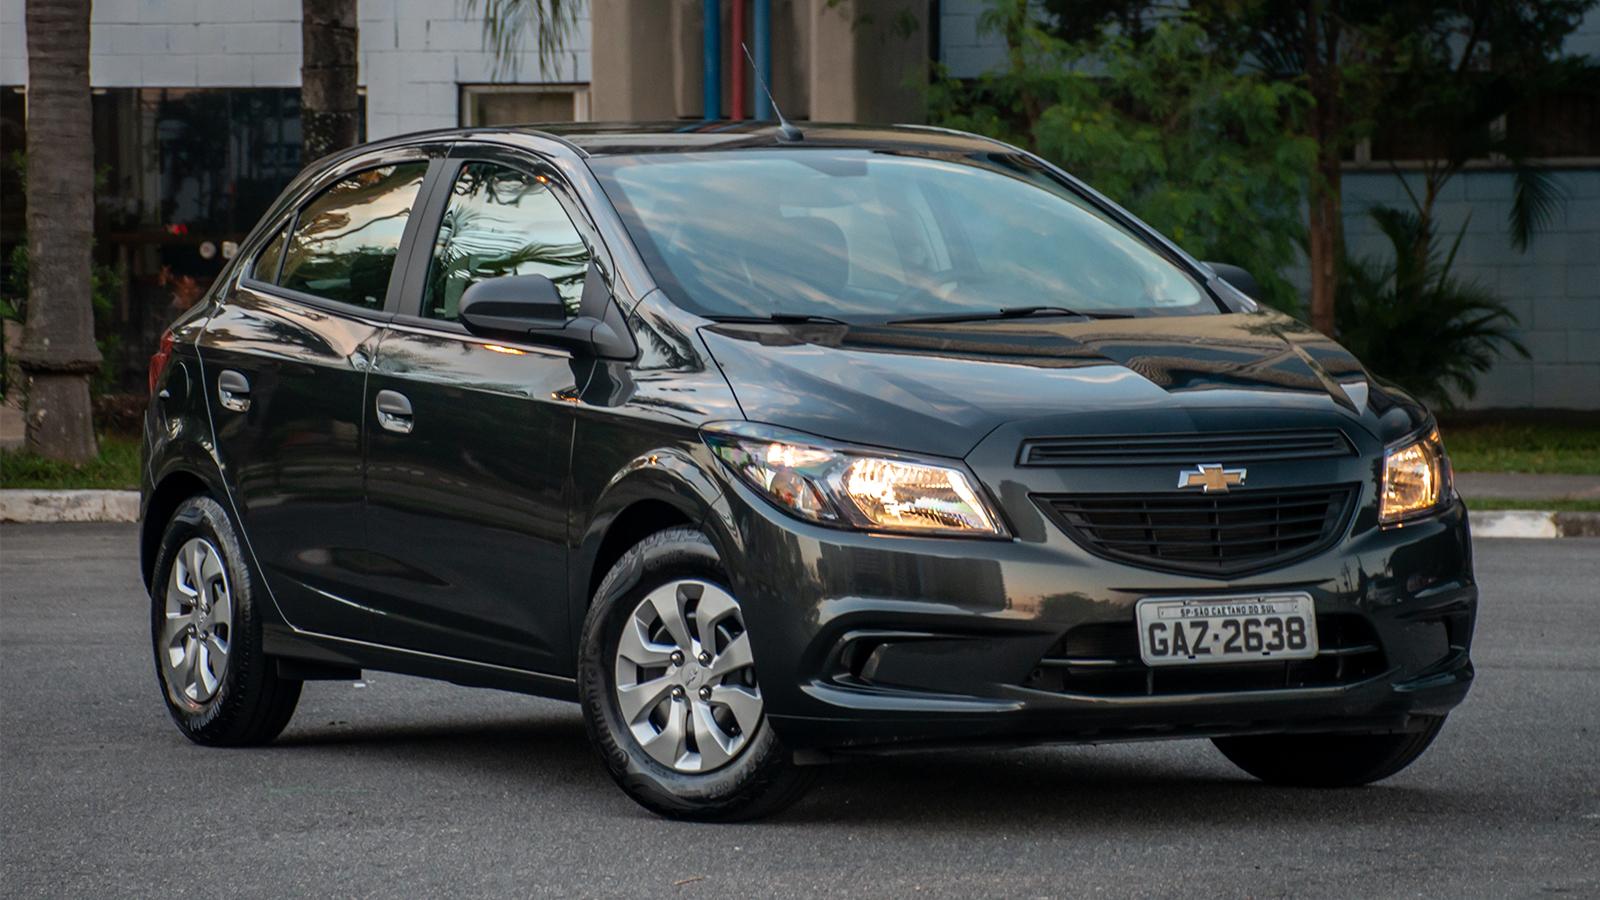 Pronto En Uruguay El Chevrolet Onix Joy Se Actualiza Motorblog Uruguay Www Motorblog Com Uy